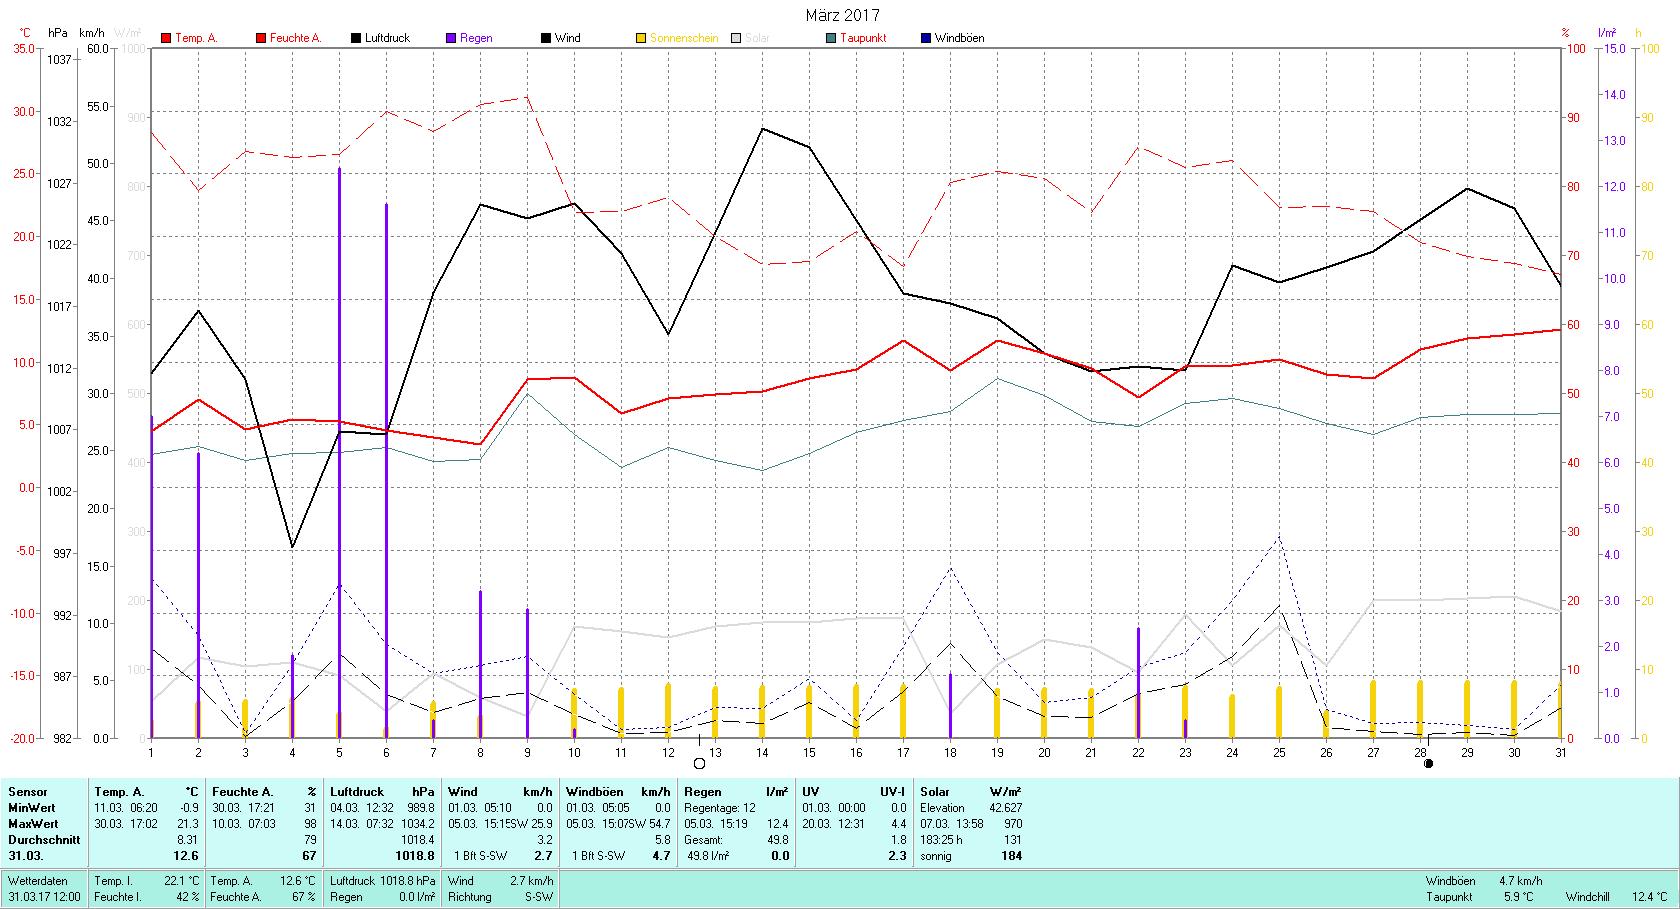 März 2017 Tmin -0.9°C, Tmax 21.3°C, Sonne 183:25h, Niederschlag 49.8mm/2